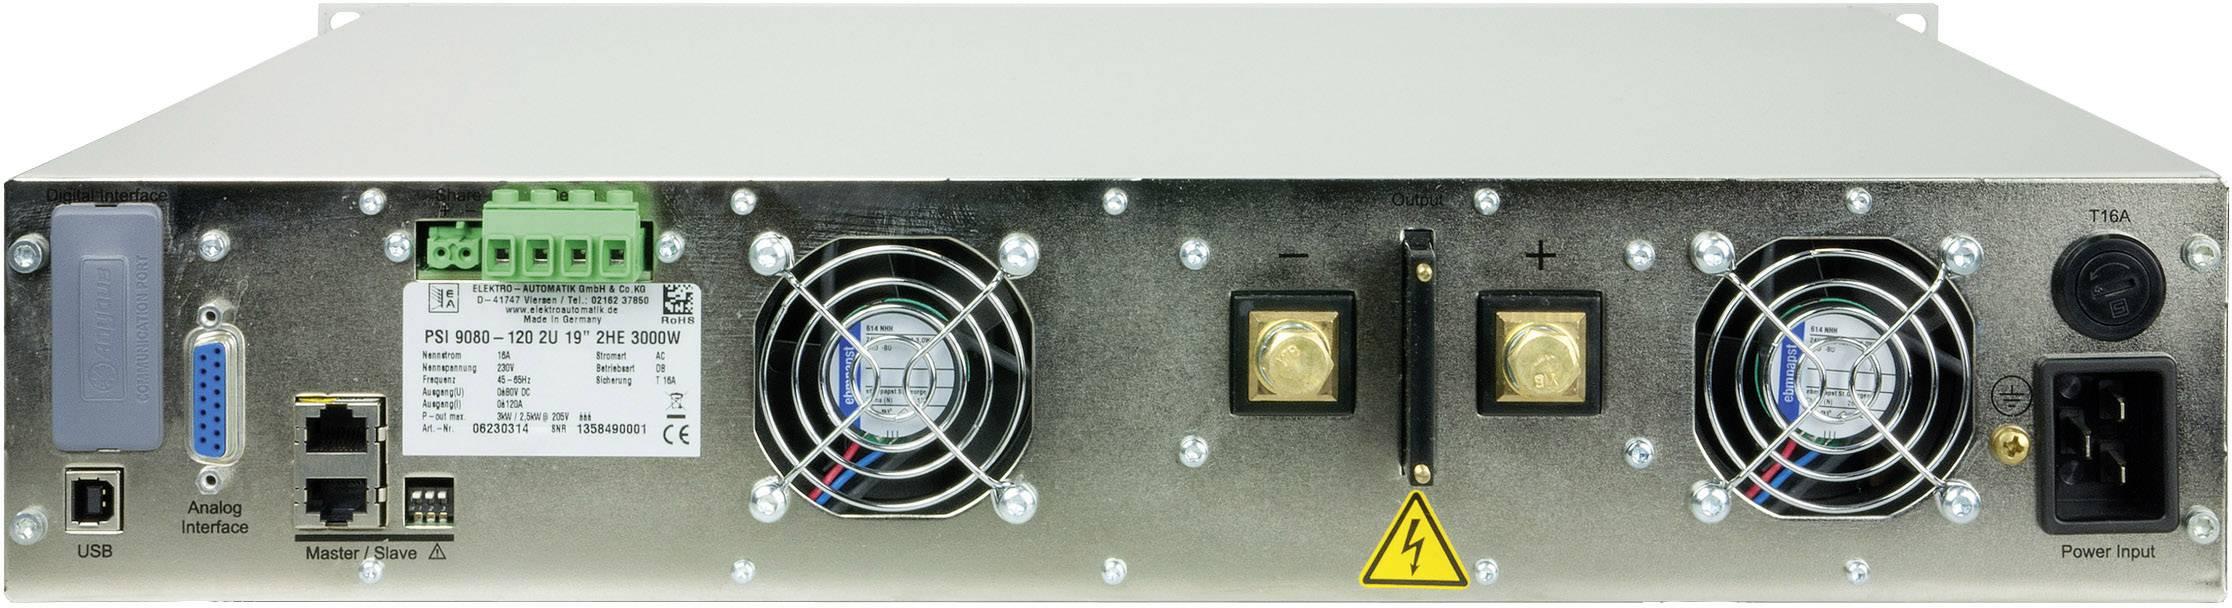 Programovateľný laboratórny zdroj EA EA-PSI 9080-60 2U, 80 V, 60 A, 1500 W, USB